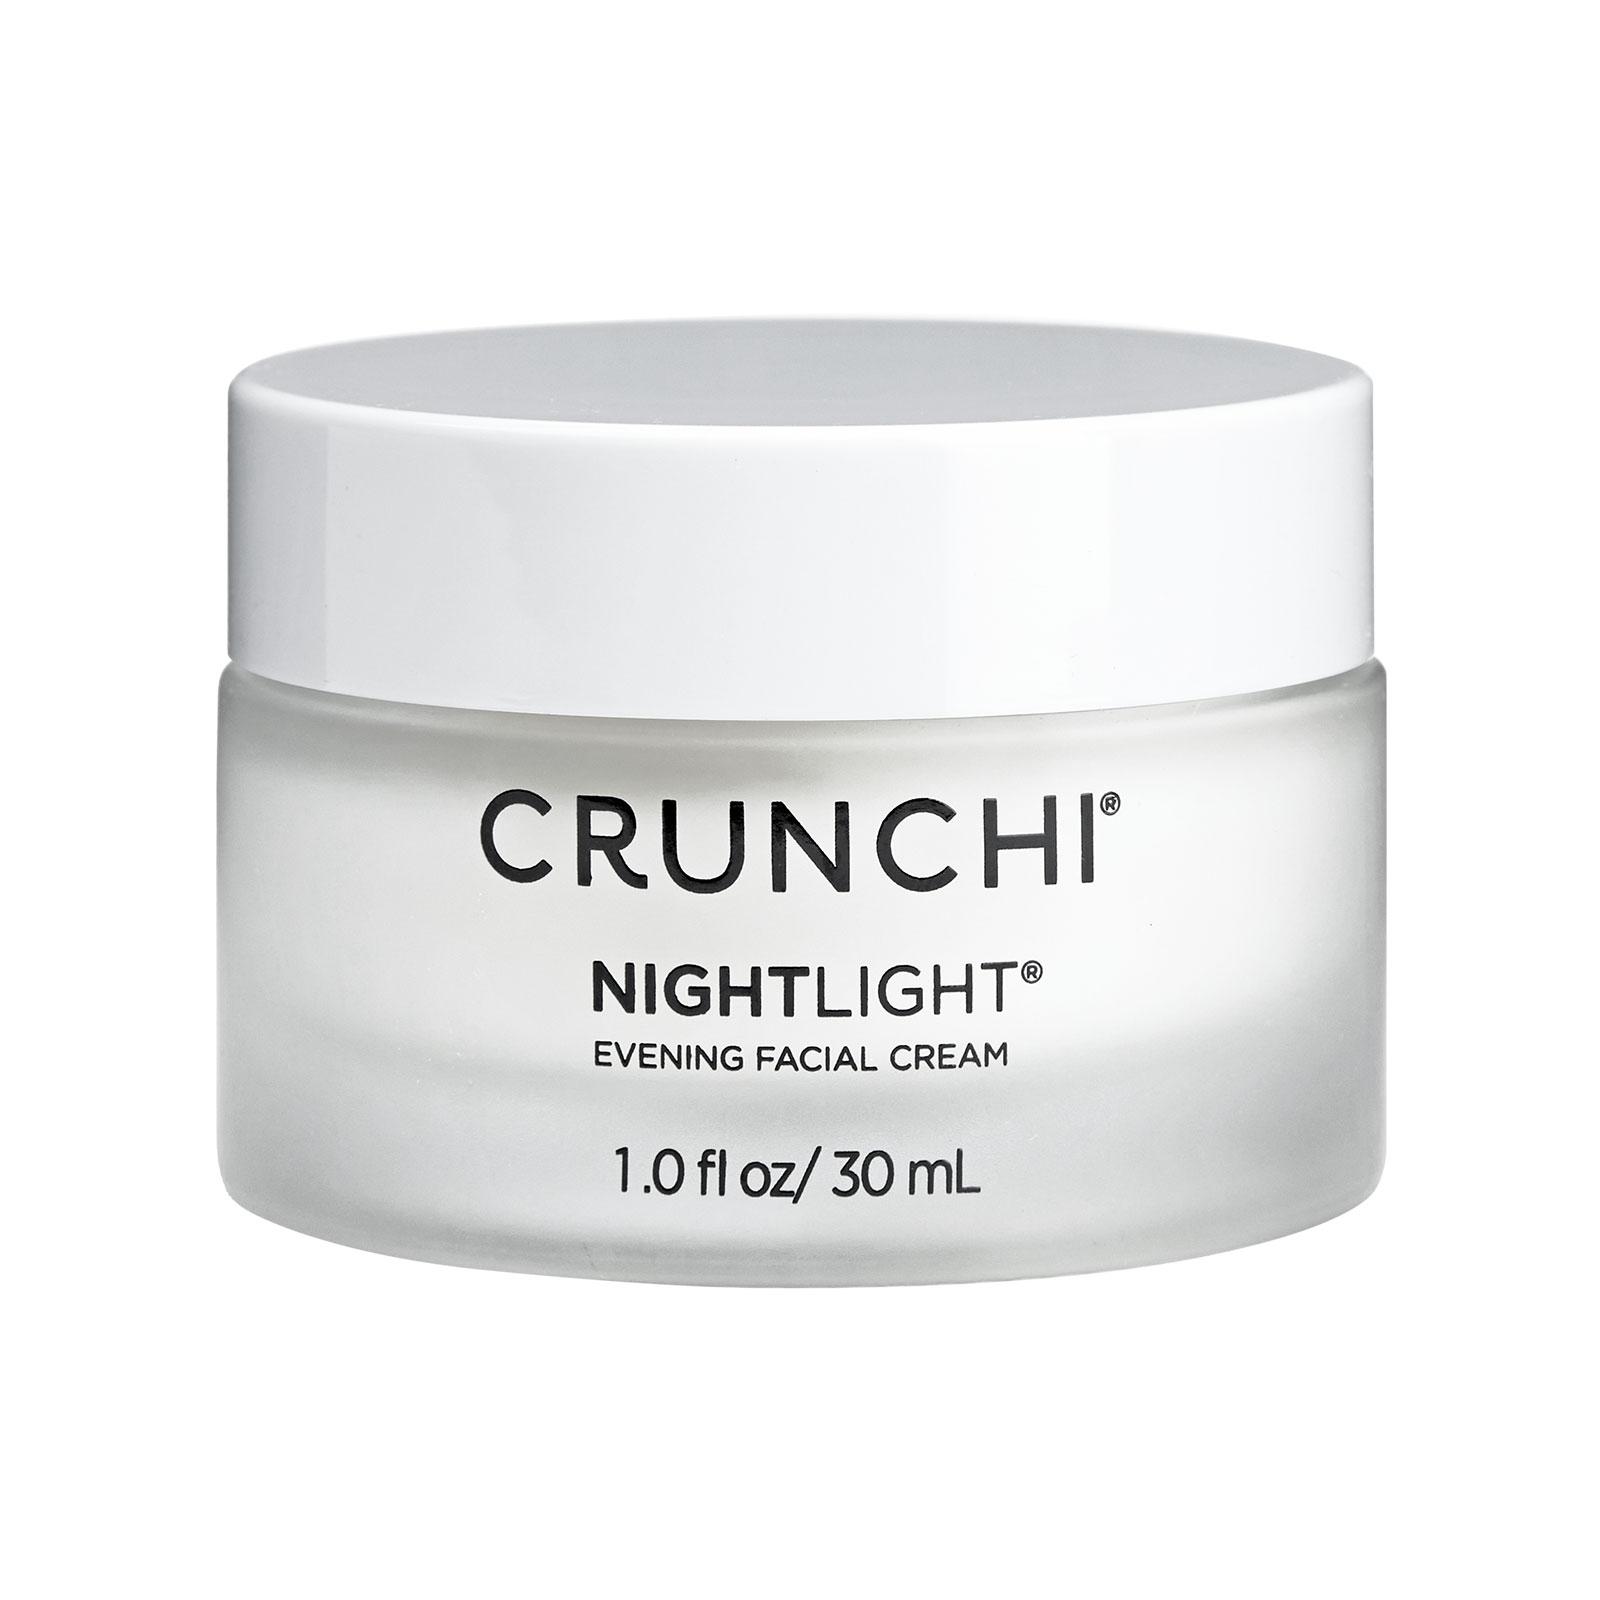 Nightlight® Facial Cream